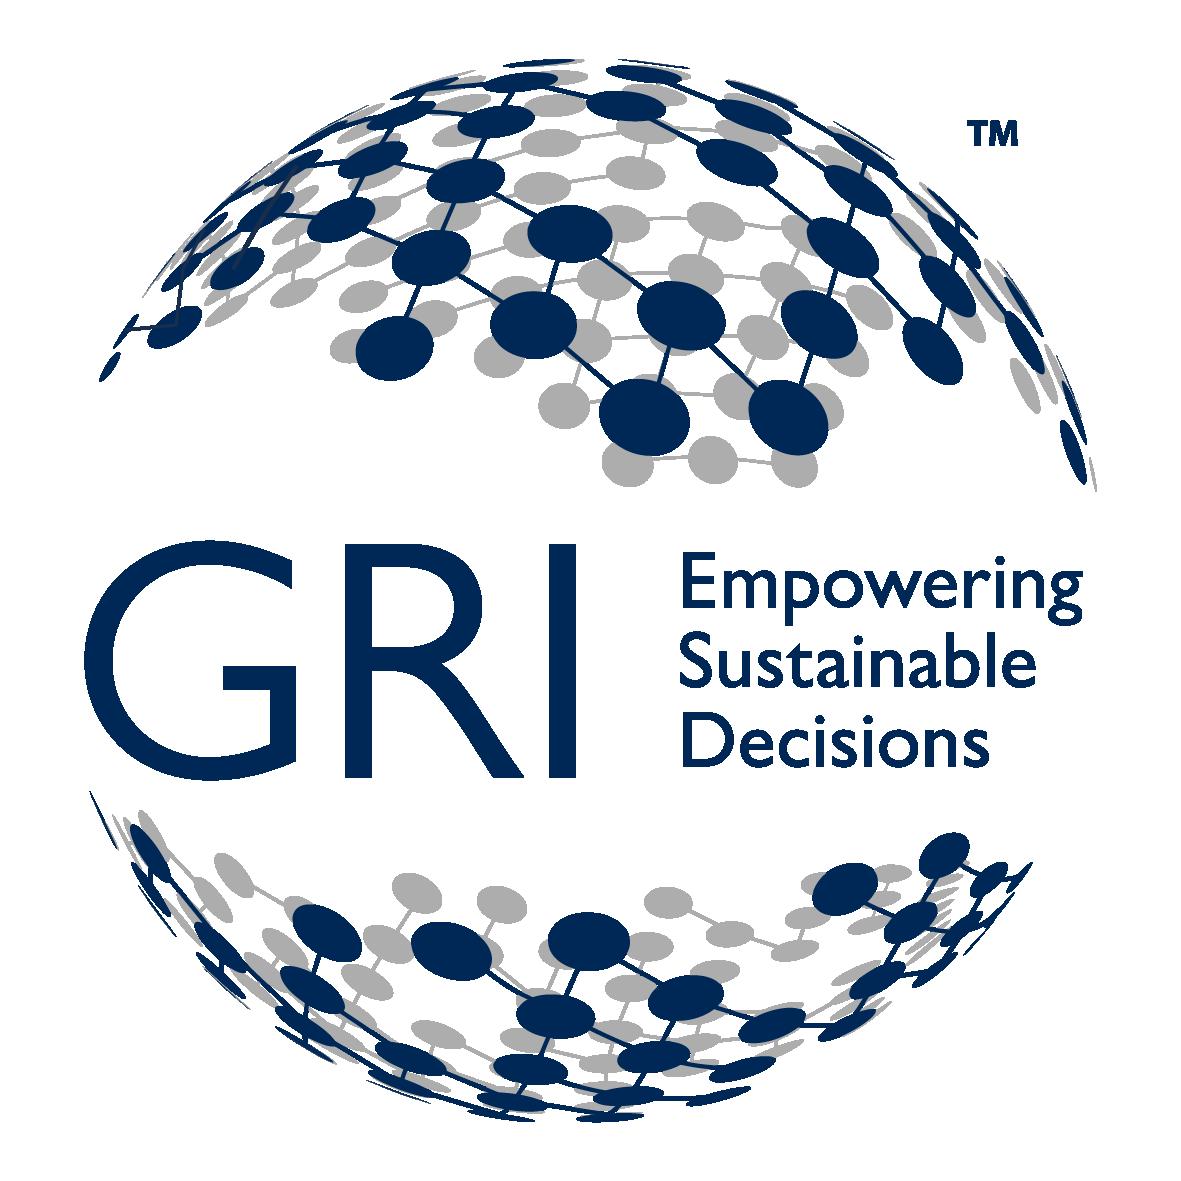 global reporting initiative logo